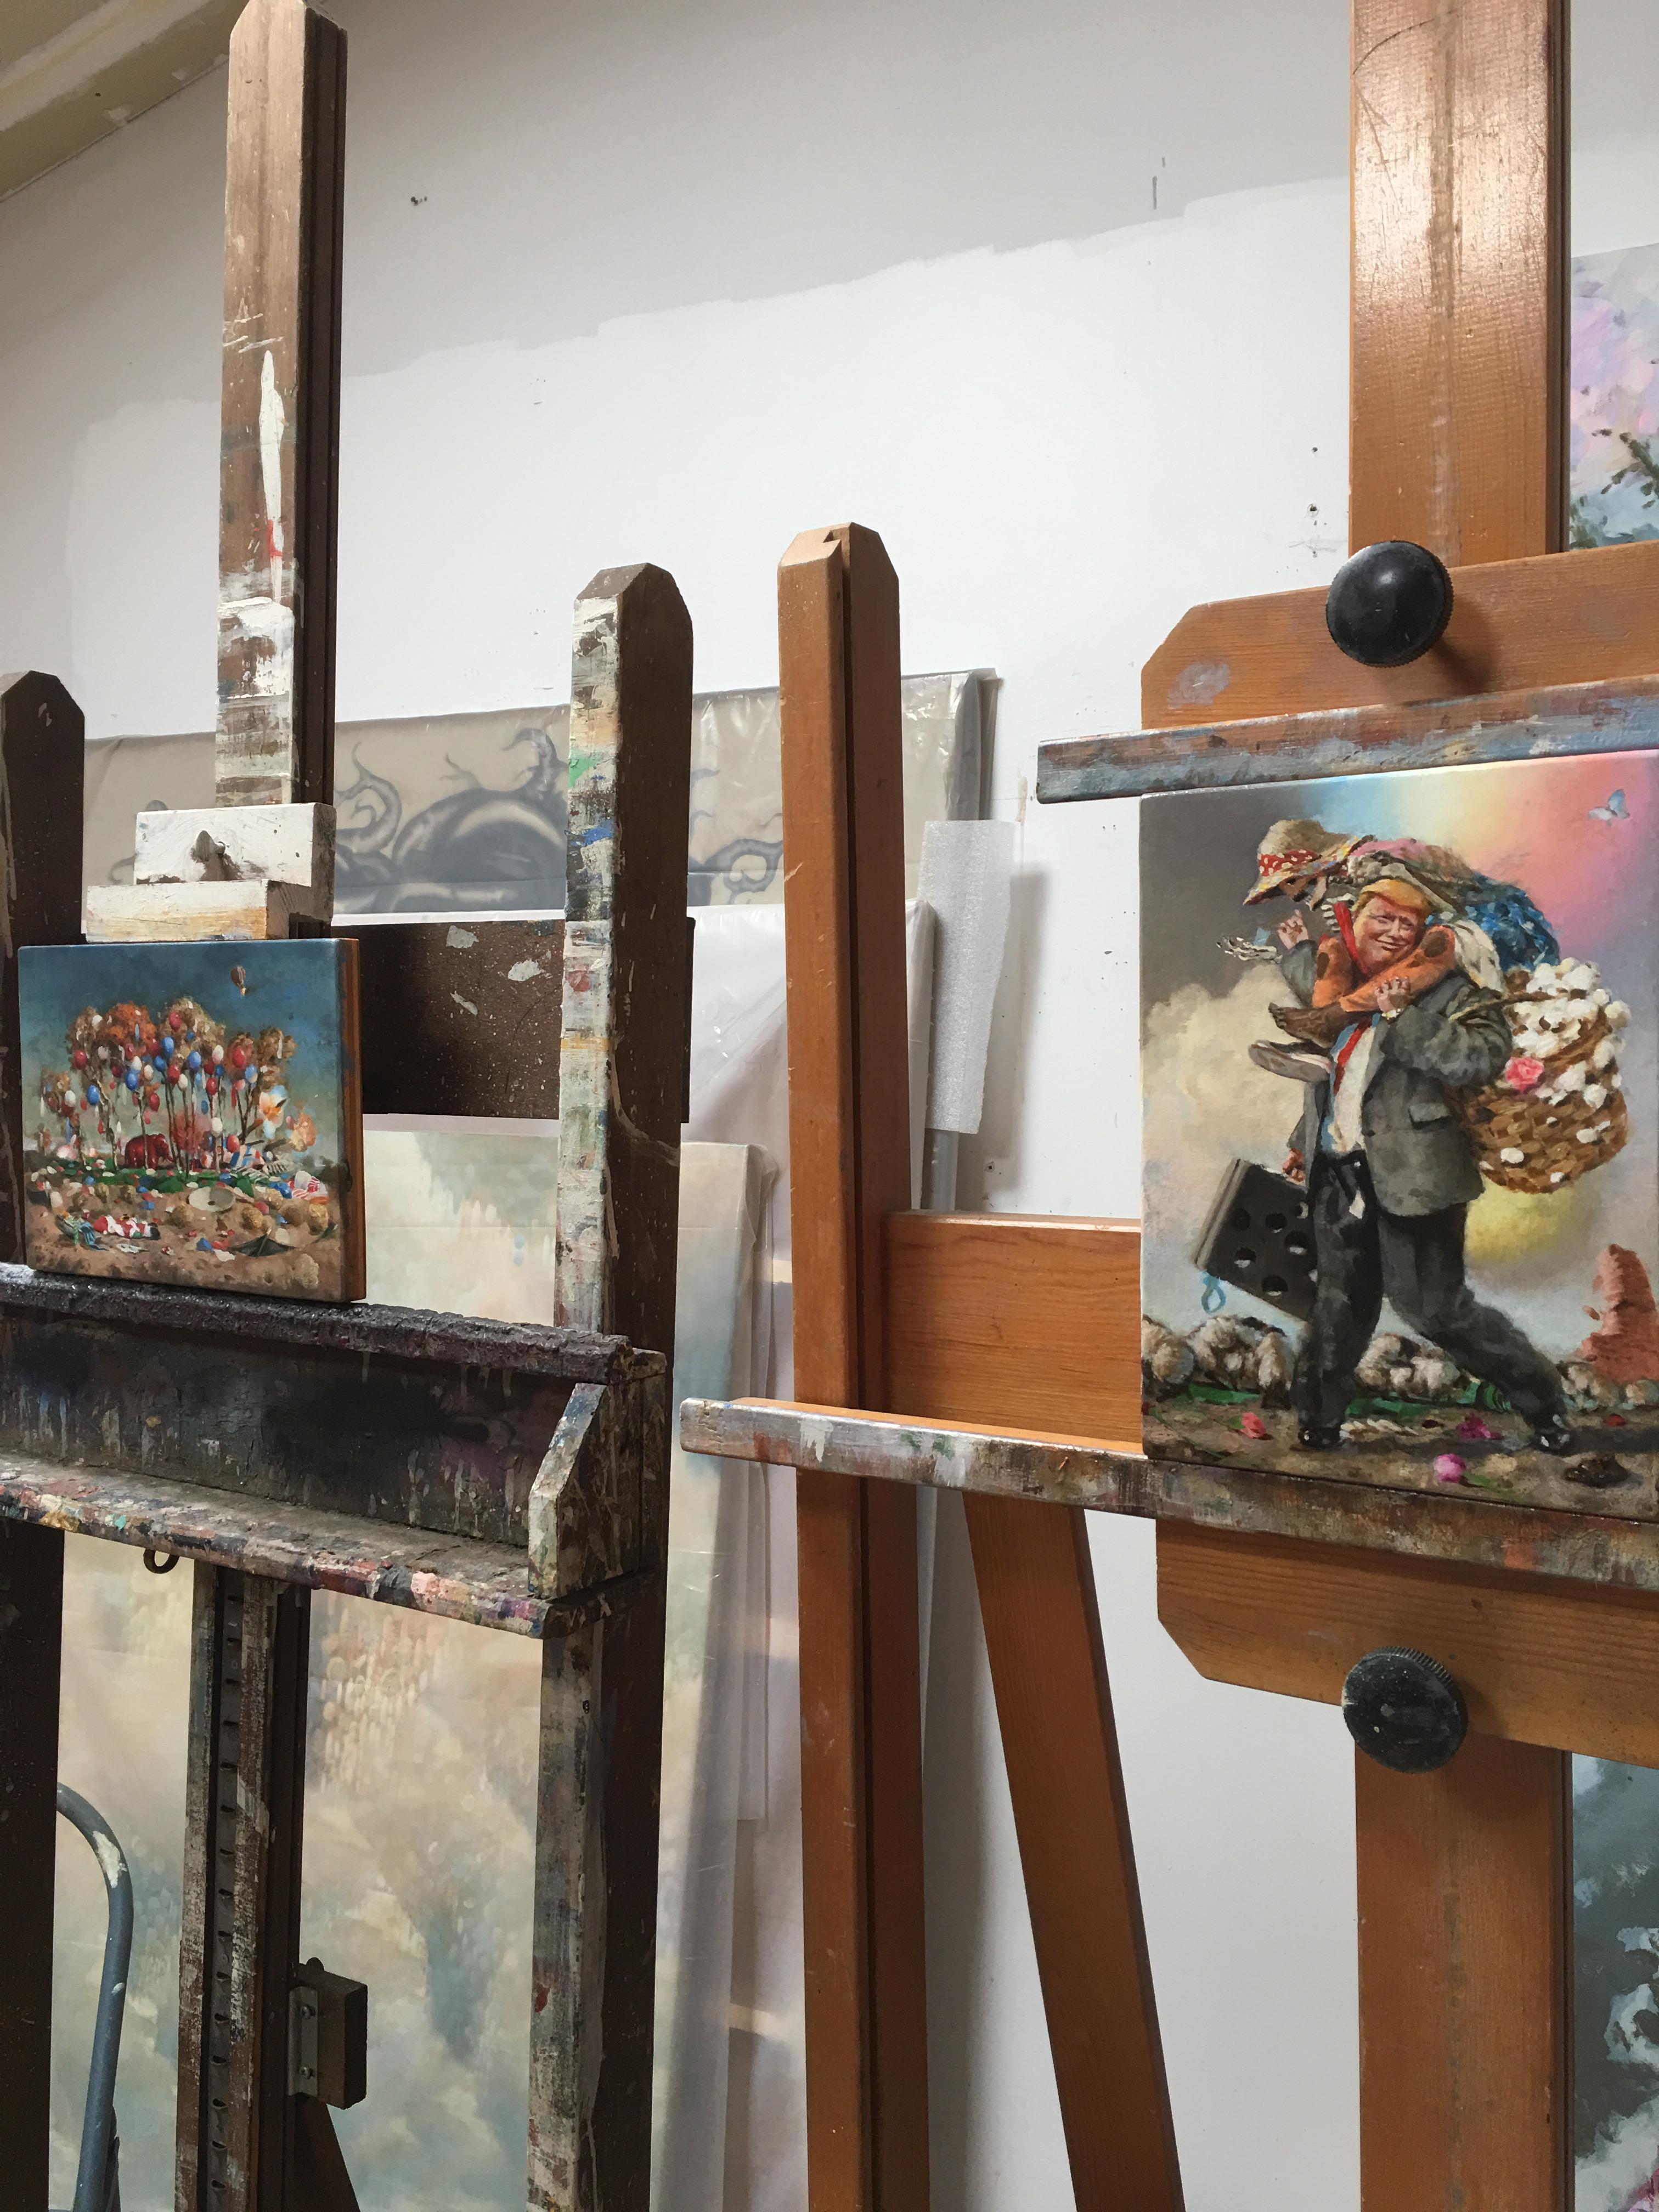 Studio, 2017